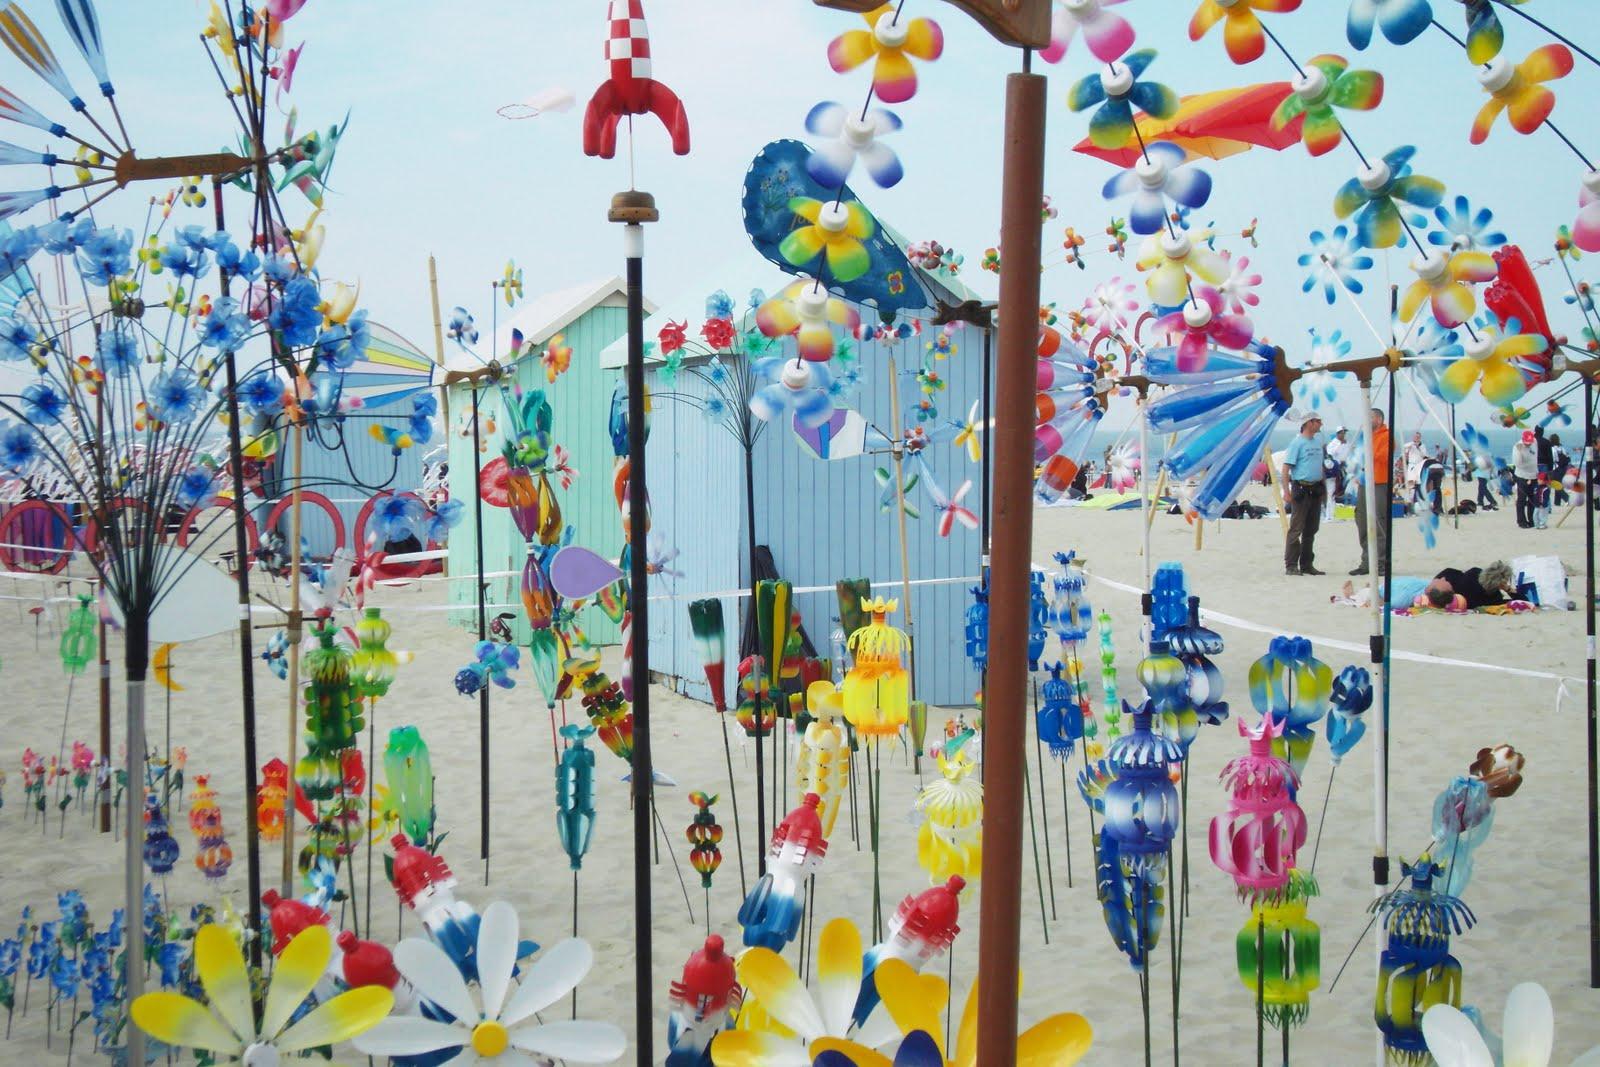 Mes balades en quelques clics jardin du vent berck for Art jardin creation